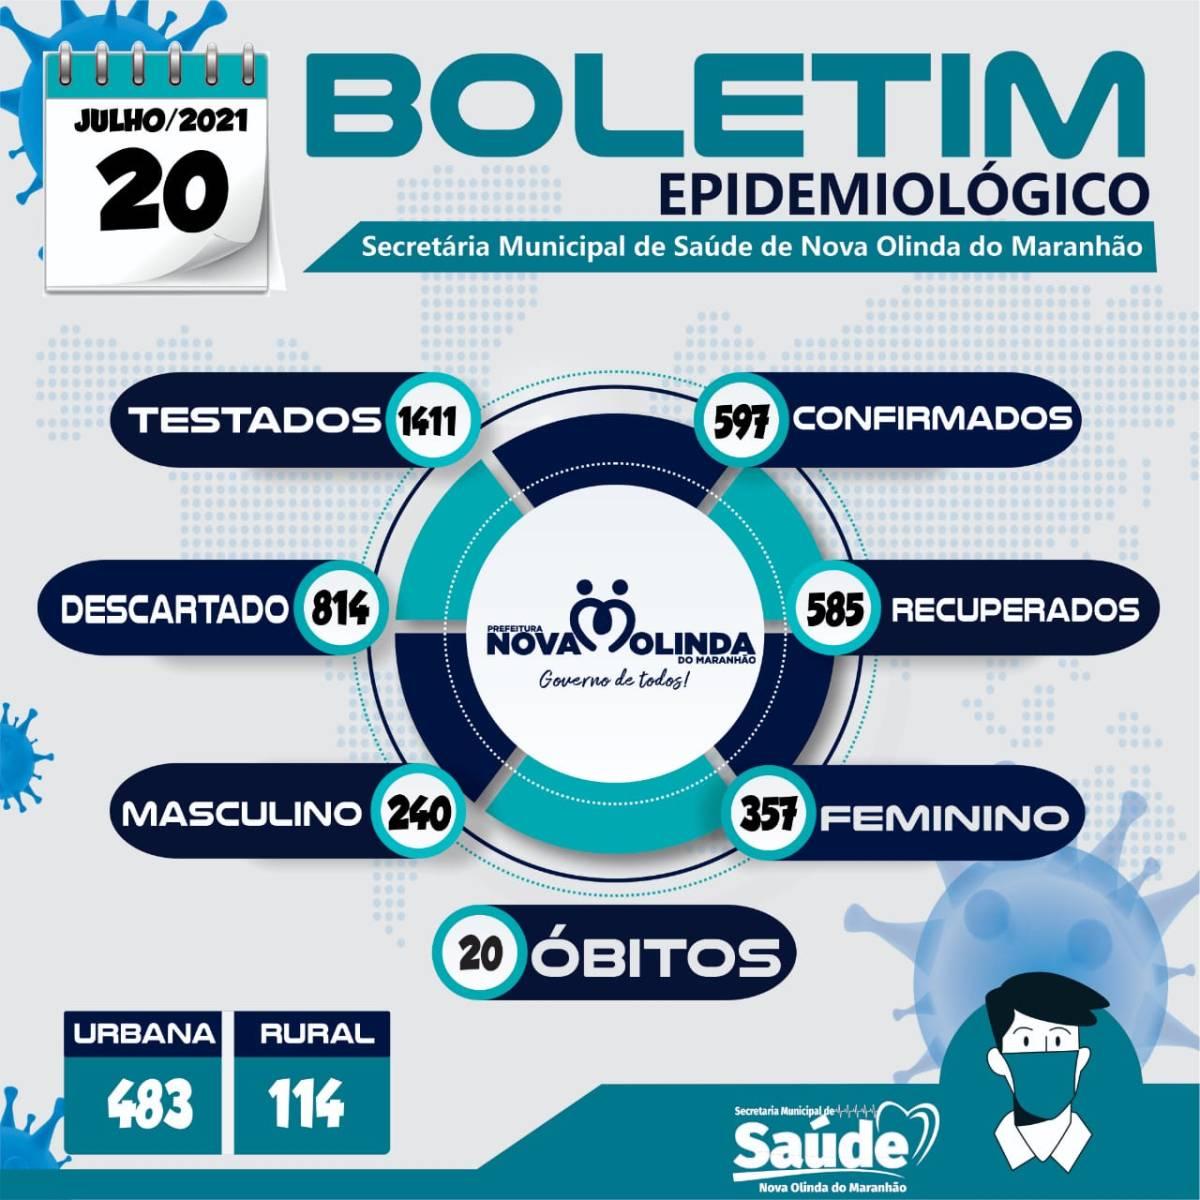 Boletim epidemiológico registra novo caso de COVID 19 em Nova Olinda do MA